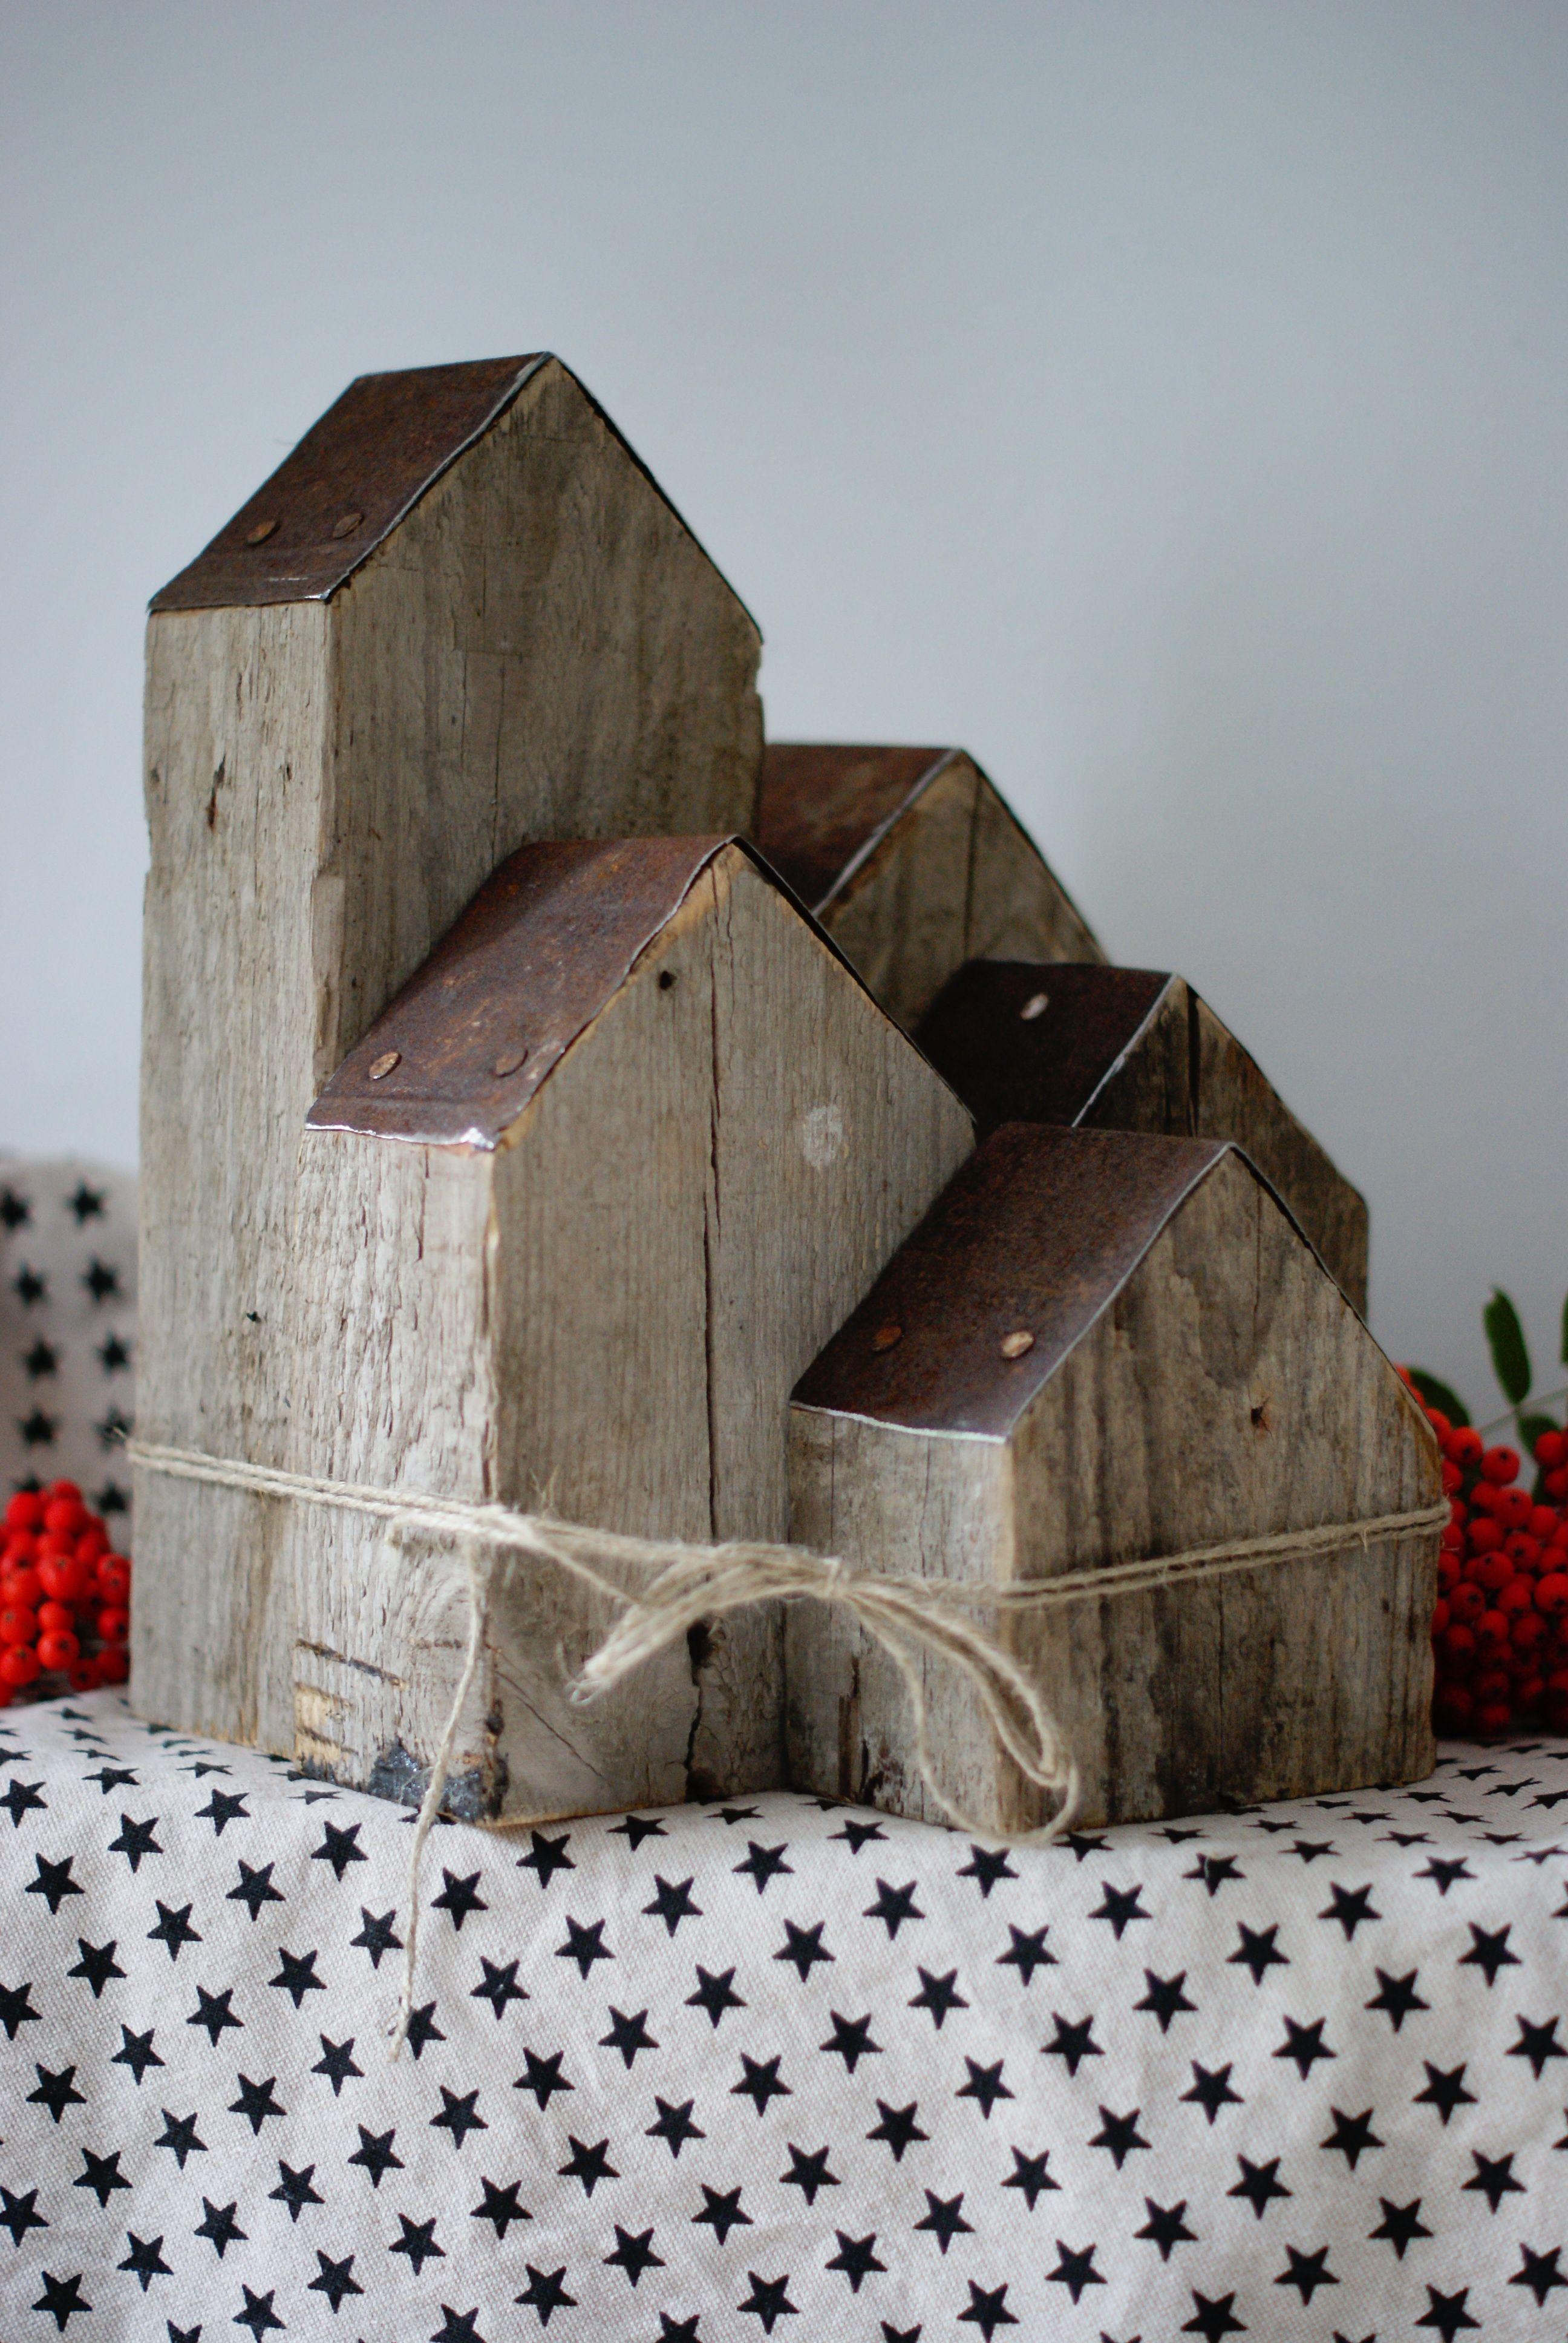 Casa Weihnachtsdeko.Casas Adosadas Crafts Holz Weihnachtsdeko Holz Und